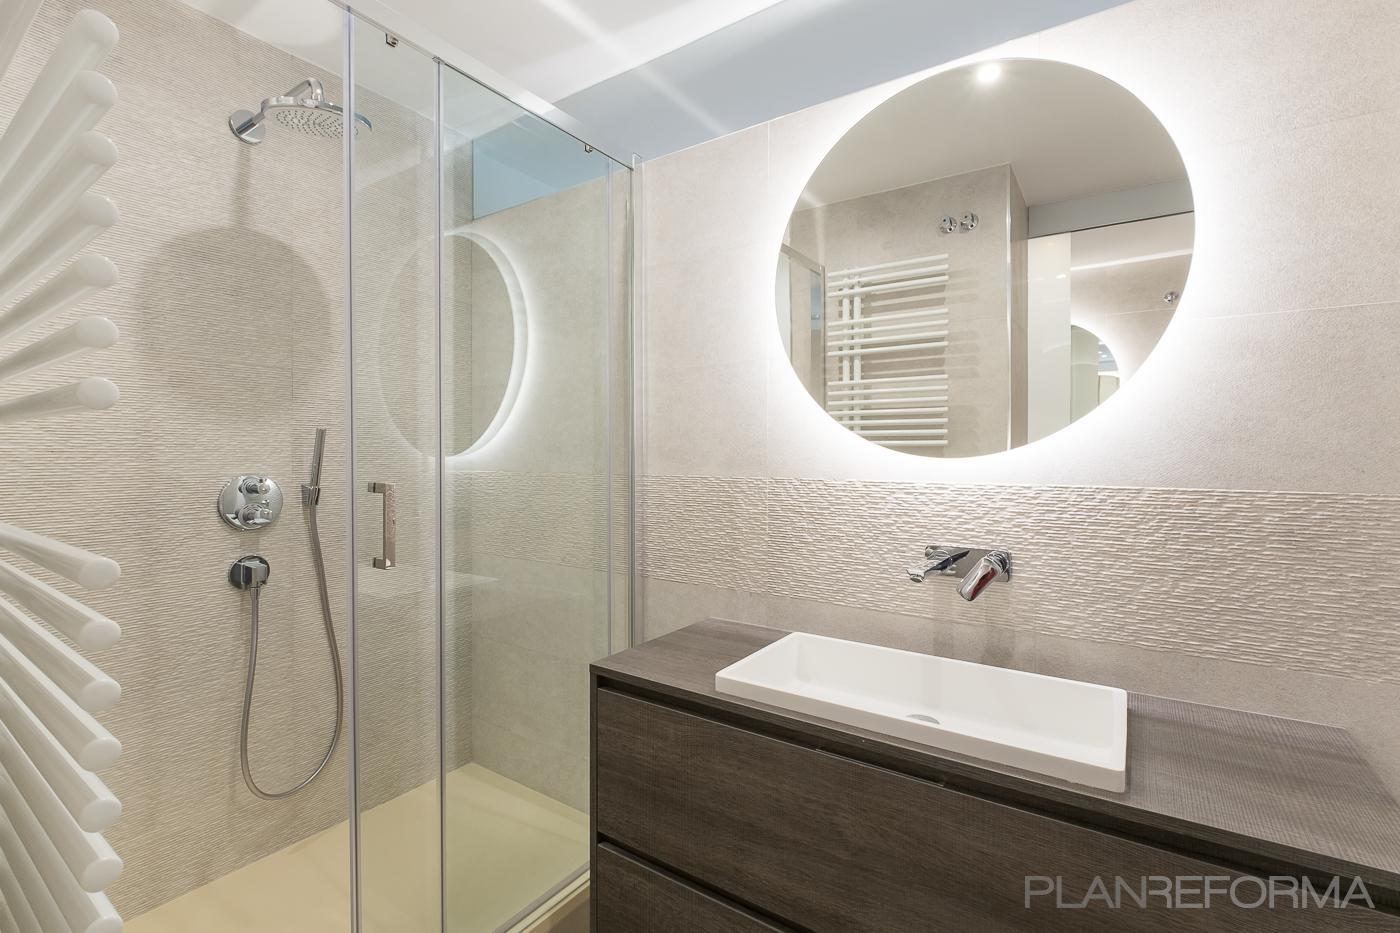 Baño Estilo contemporaneo Color beige, marron, bronce  diseñado por Aquí tu Reforma | Gremio | Copyright Aquí tu Reforma